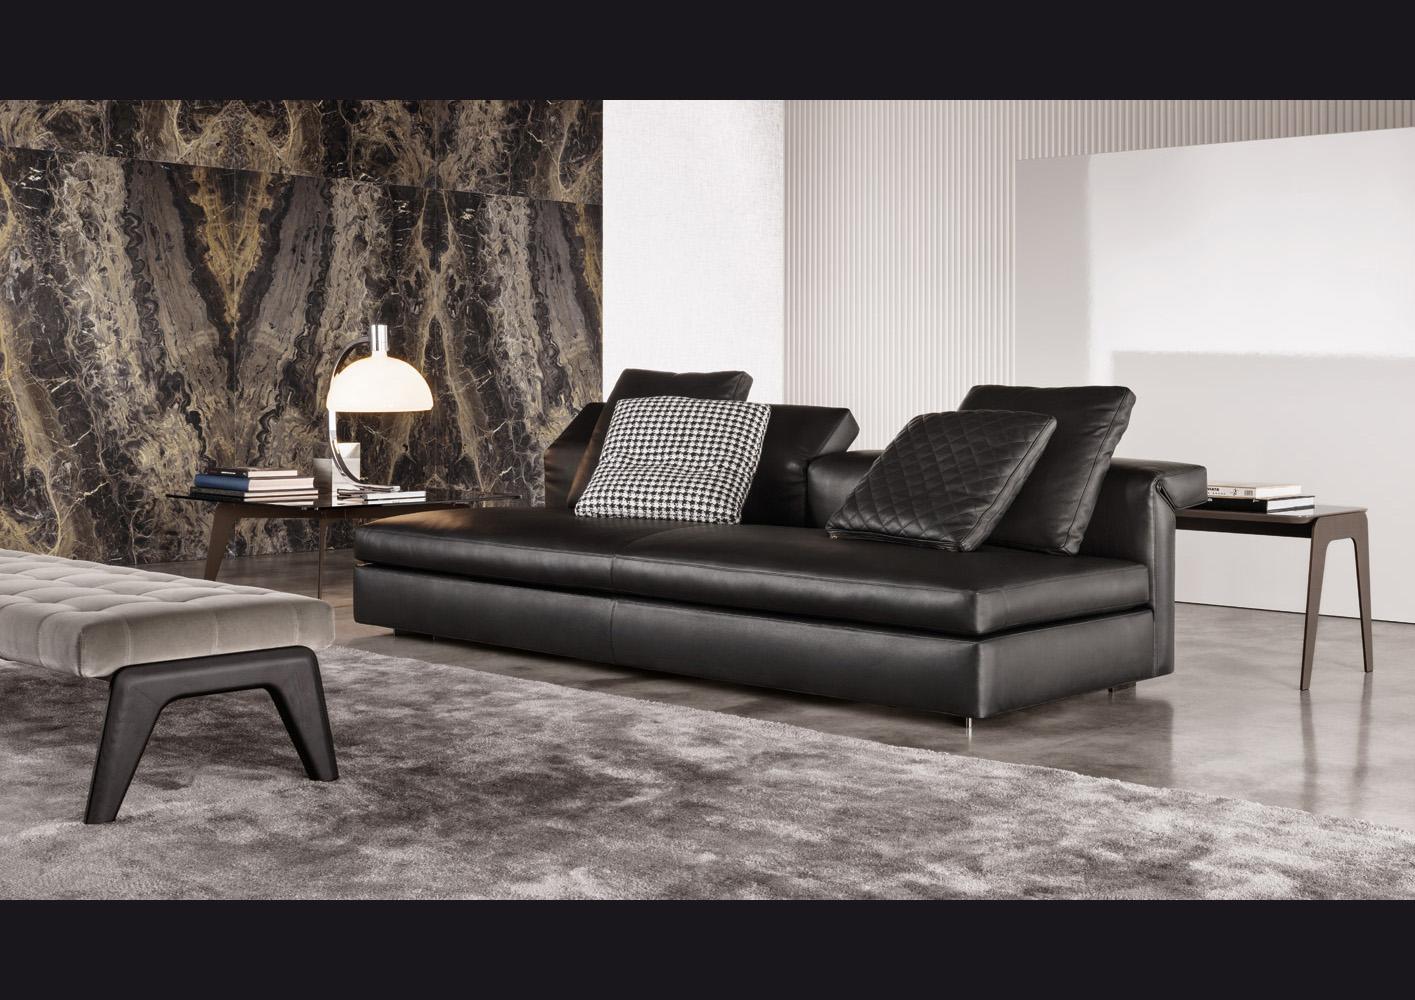 Collar di minotti divani e poltrone arredamento mollura home design - Divano modulare driade ...